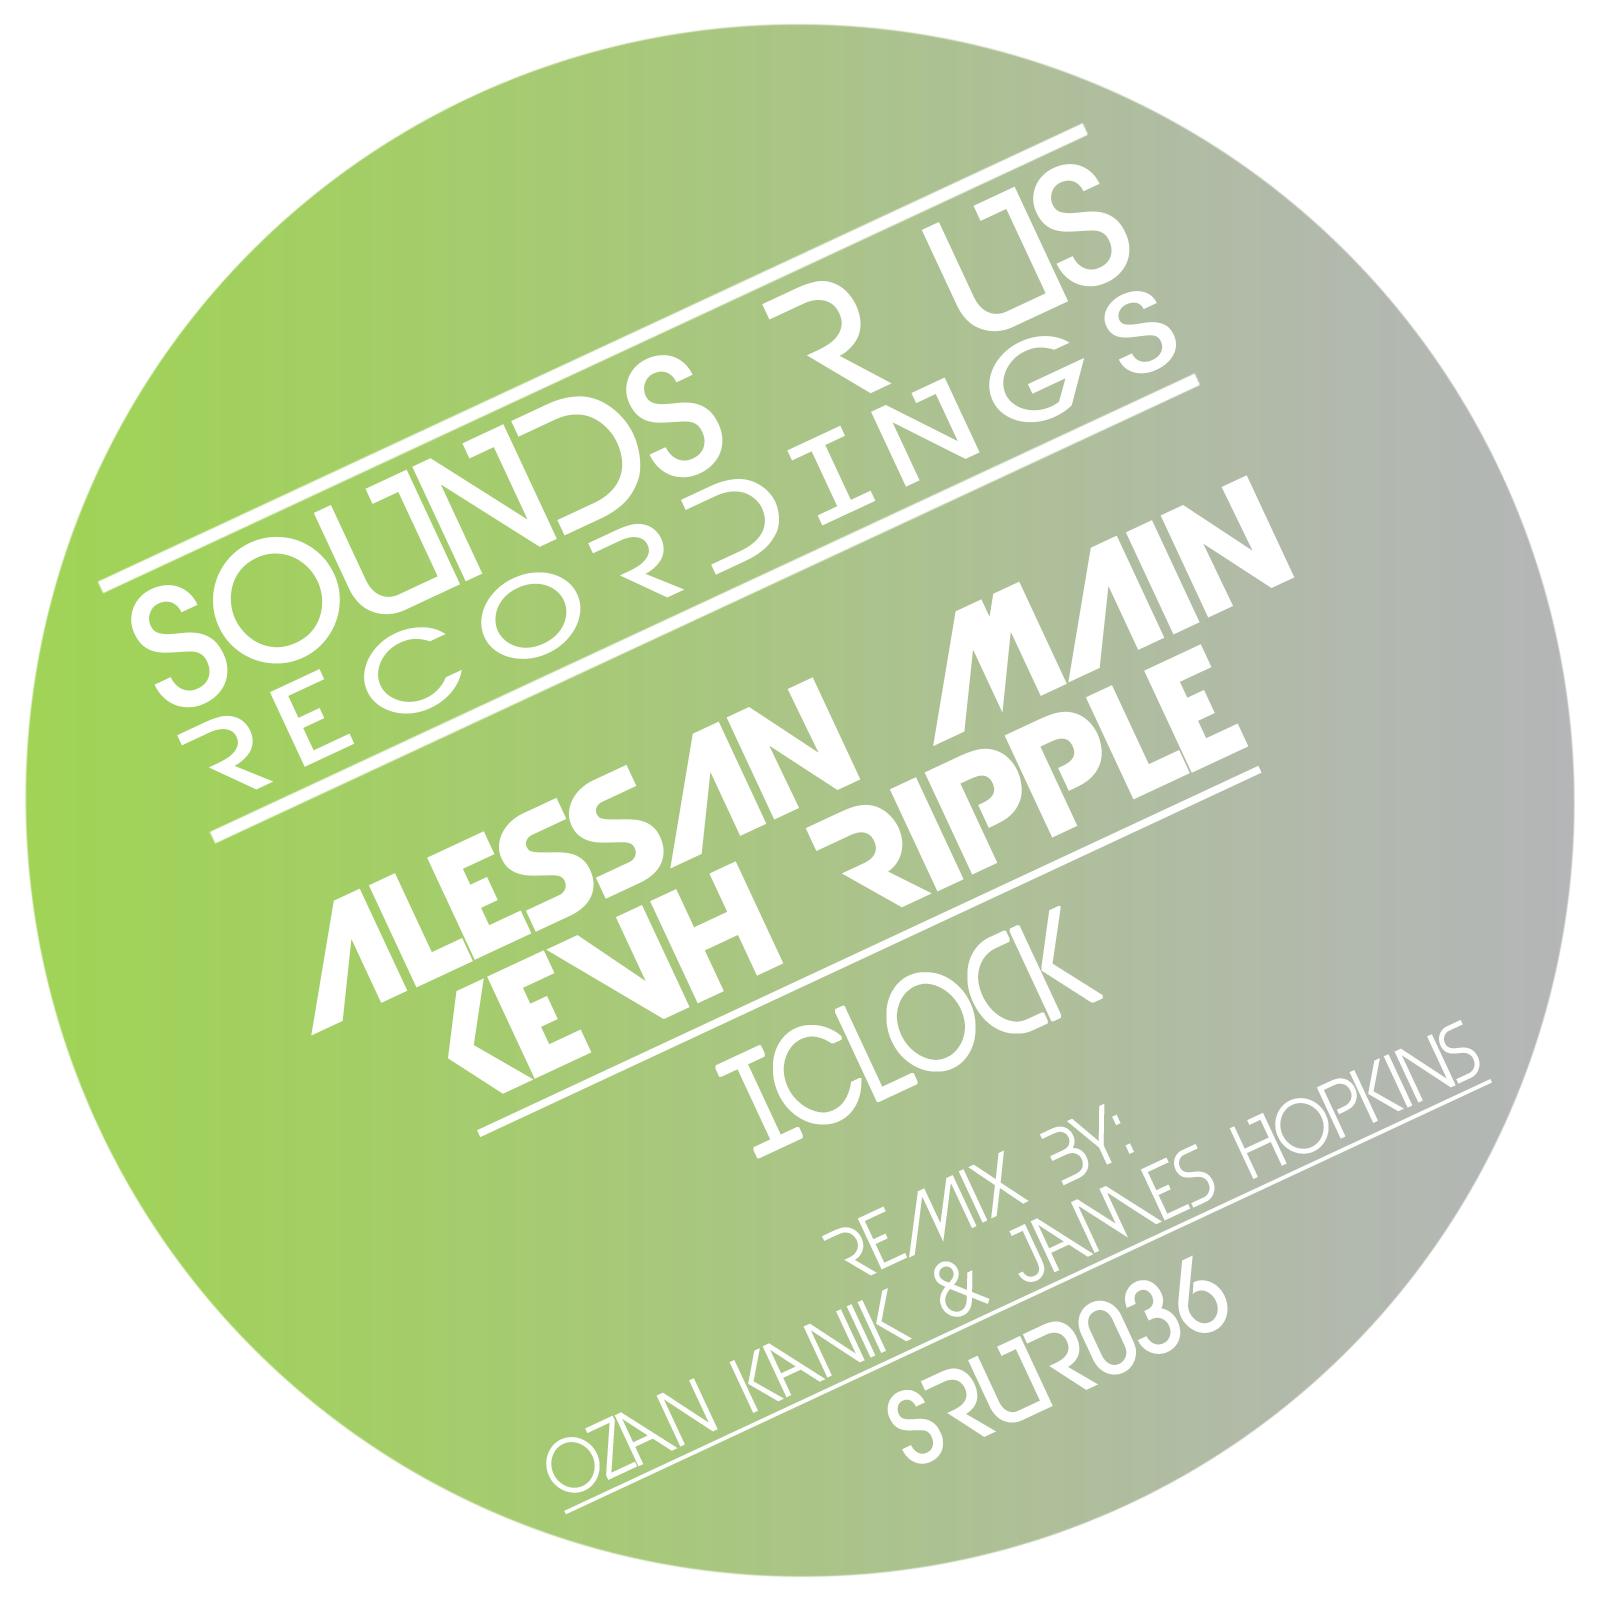 SRUR036 - Alessan Main & Kevh Ripple - IClock